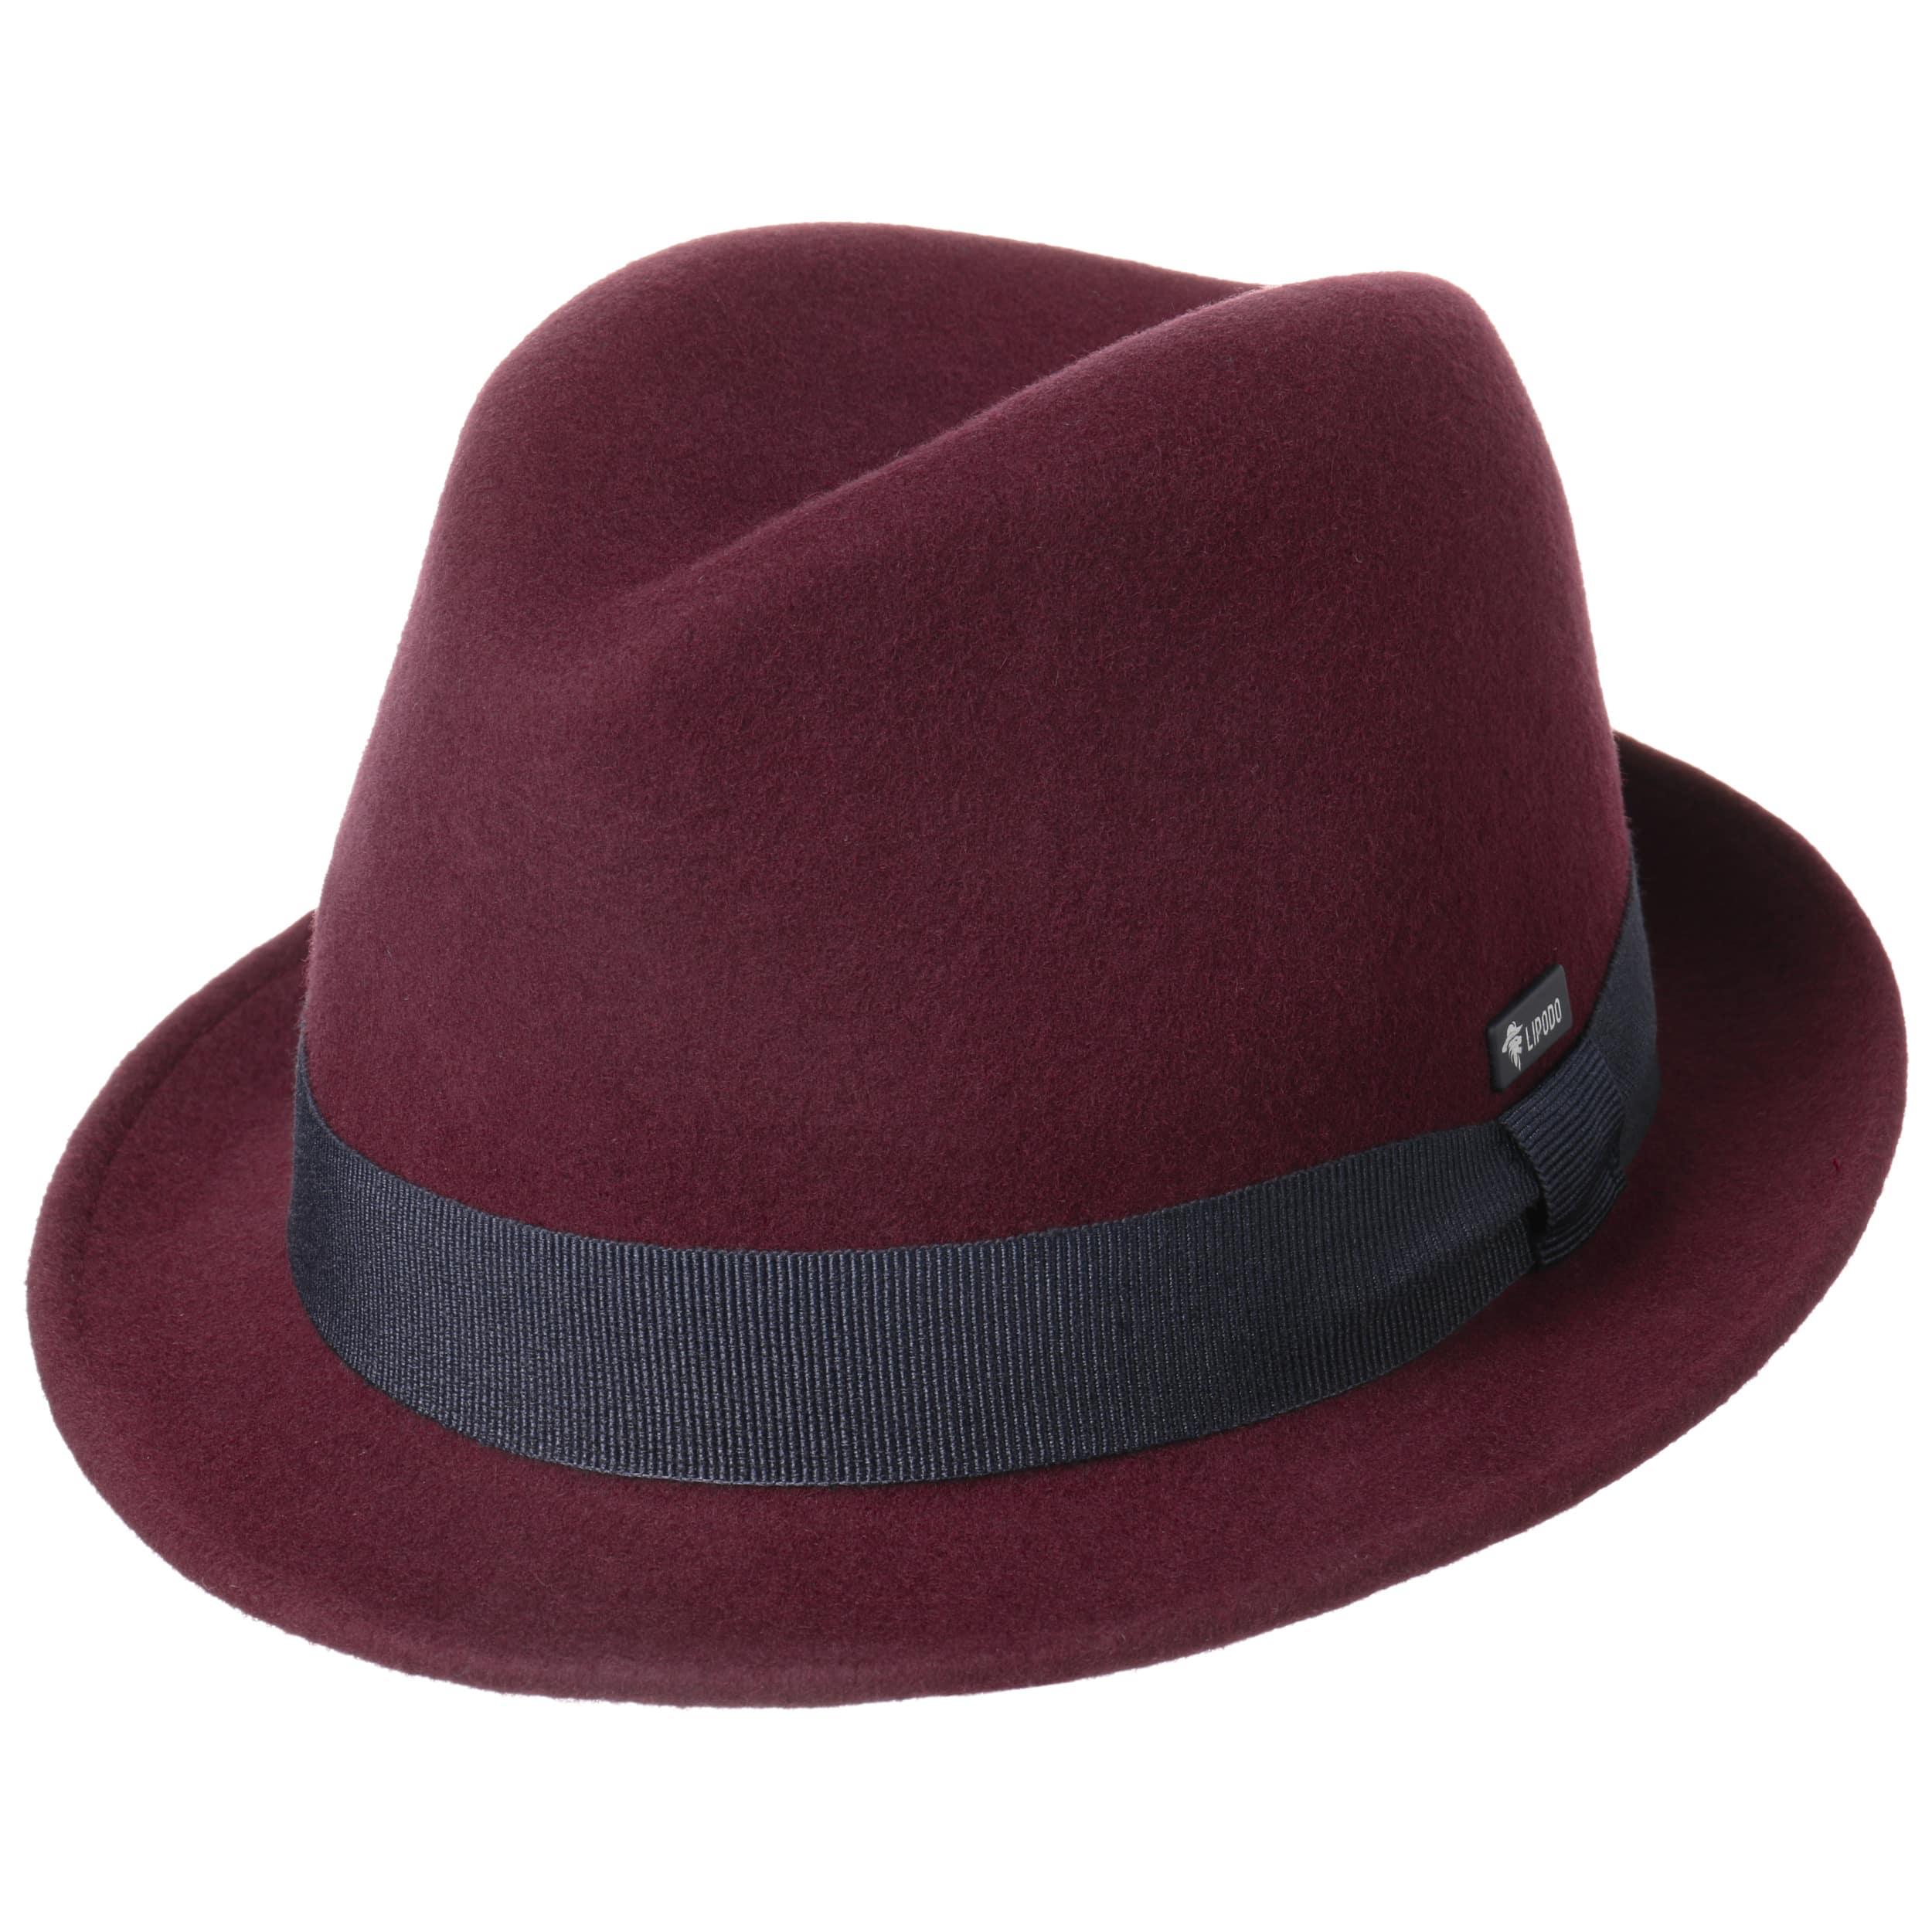 83938d200a3 ... Kids Wool Felt Trilby Hat by Lipodo - bordeaux 5 ...